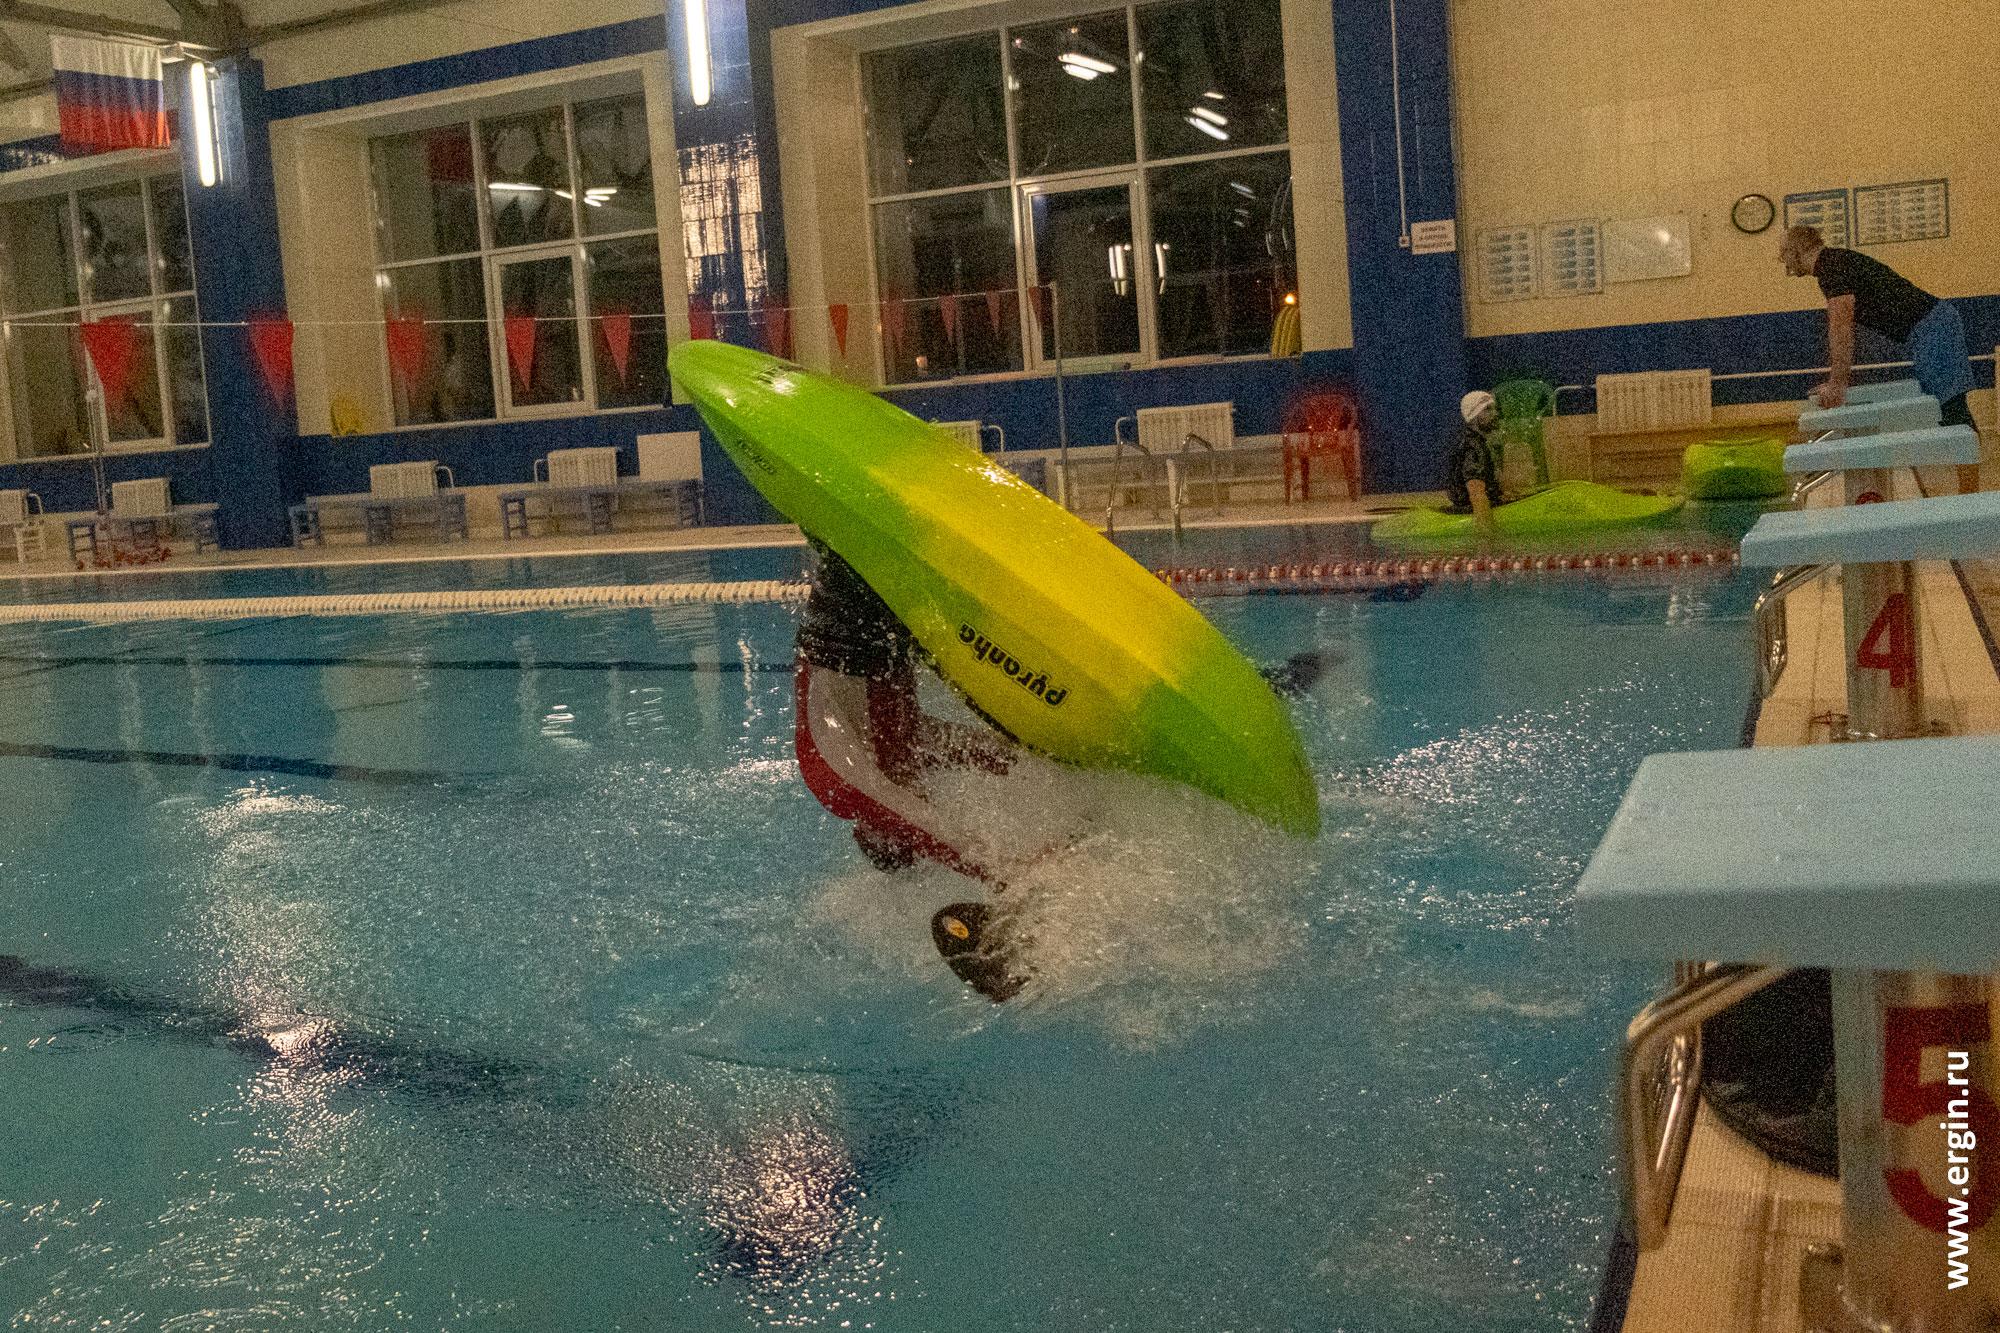 Фристайл-каякинг на гладкой воде в бассейне